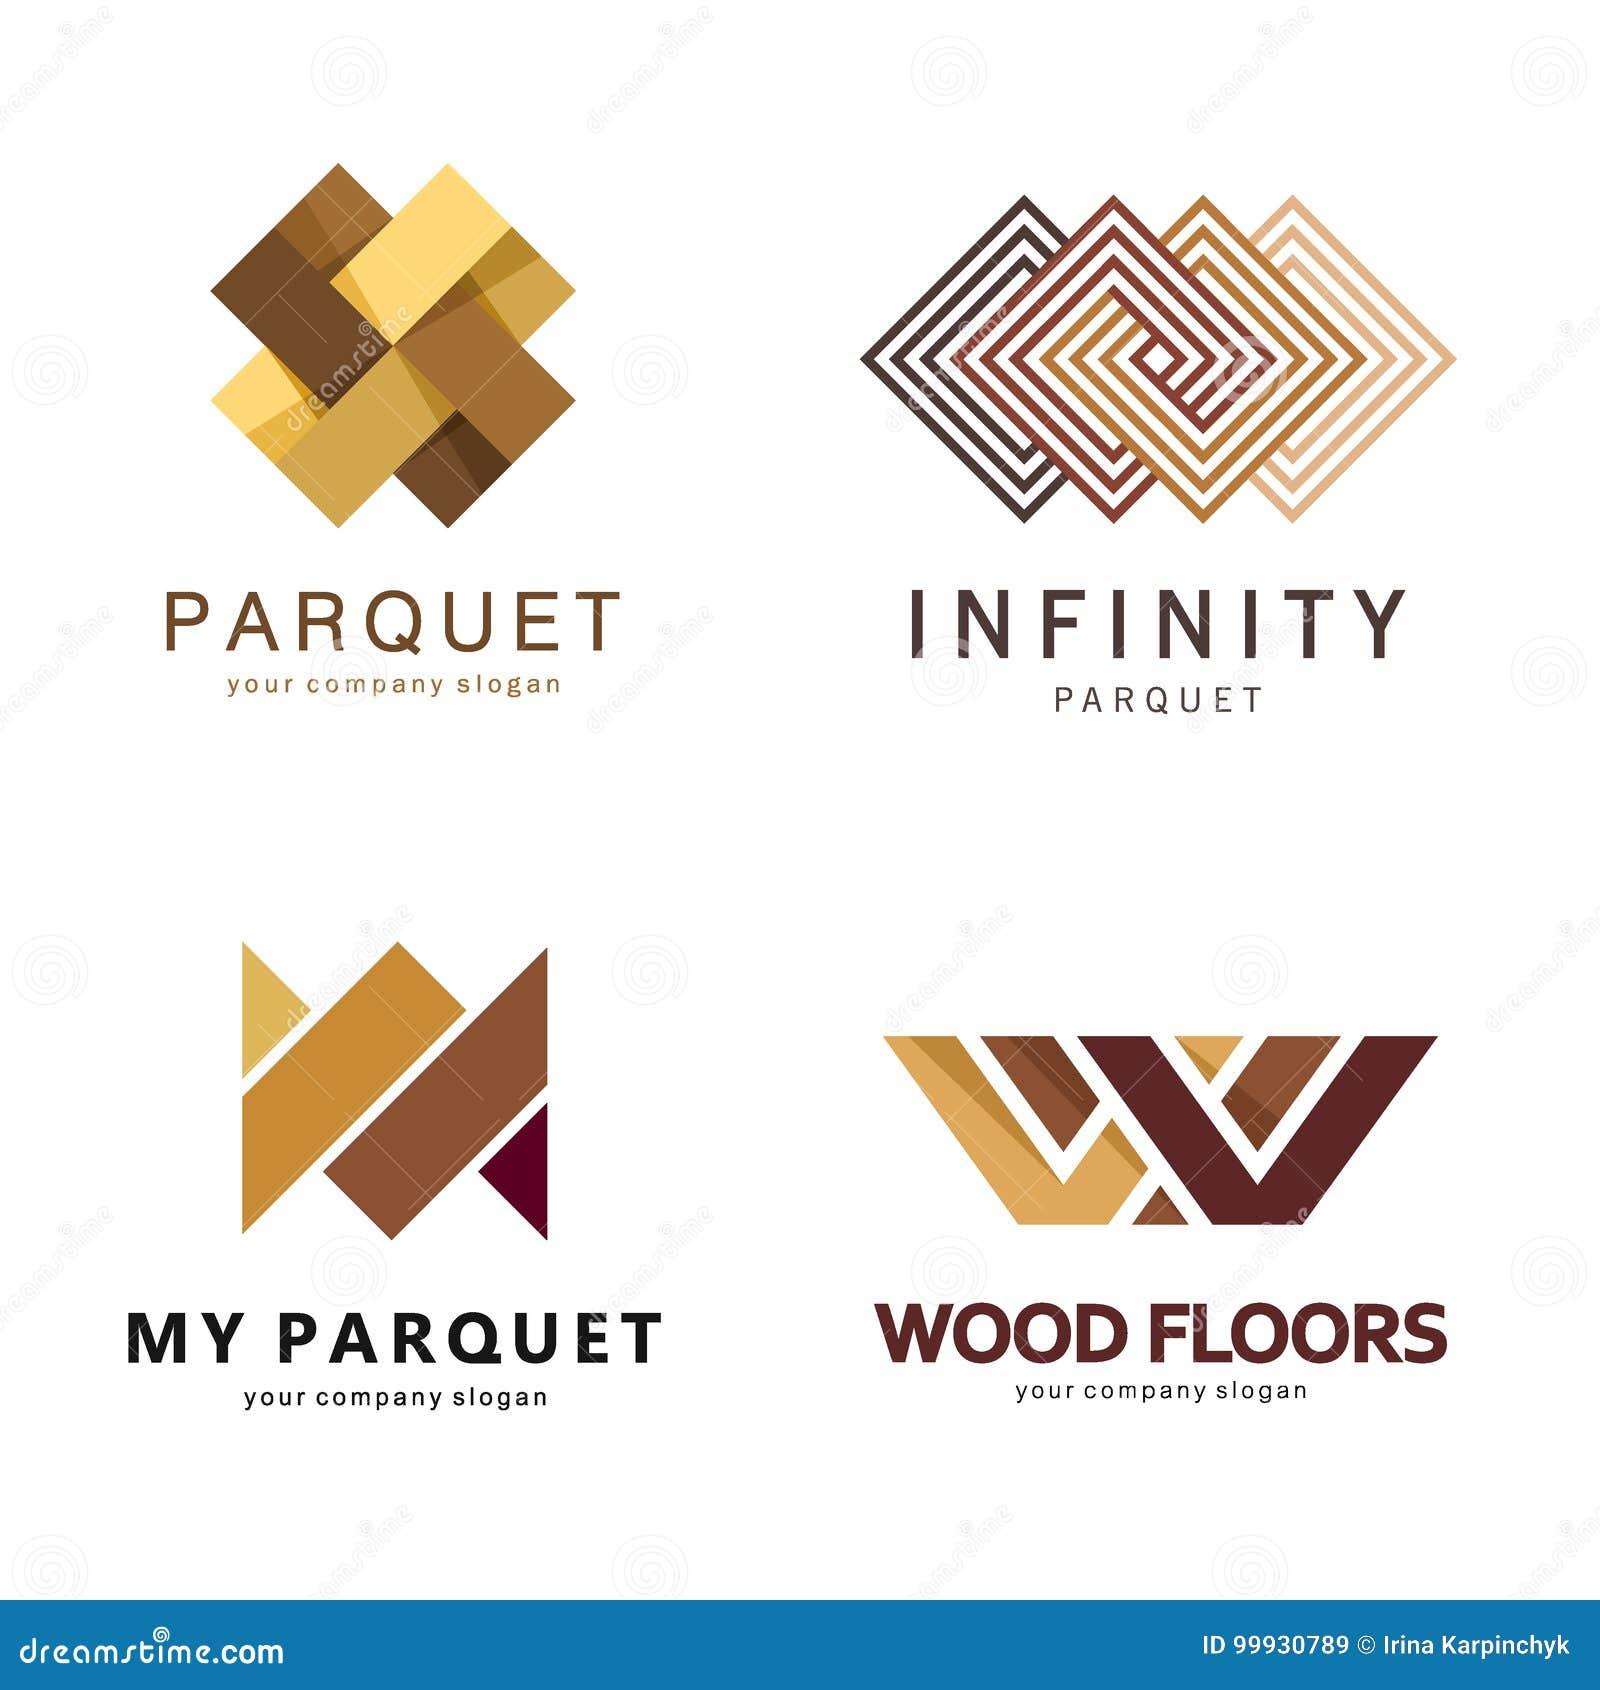 Διανυσματικό αφηρημένο πρότυπο λογότυπων Σχέδιο λογότυπων για το παρκέ, φύλλο πλαστικού, δάπεδο, κεραμίδια